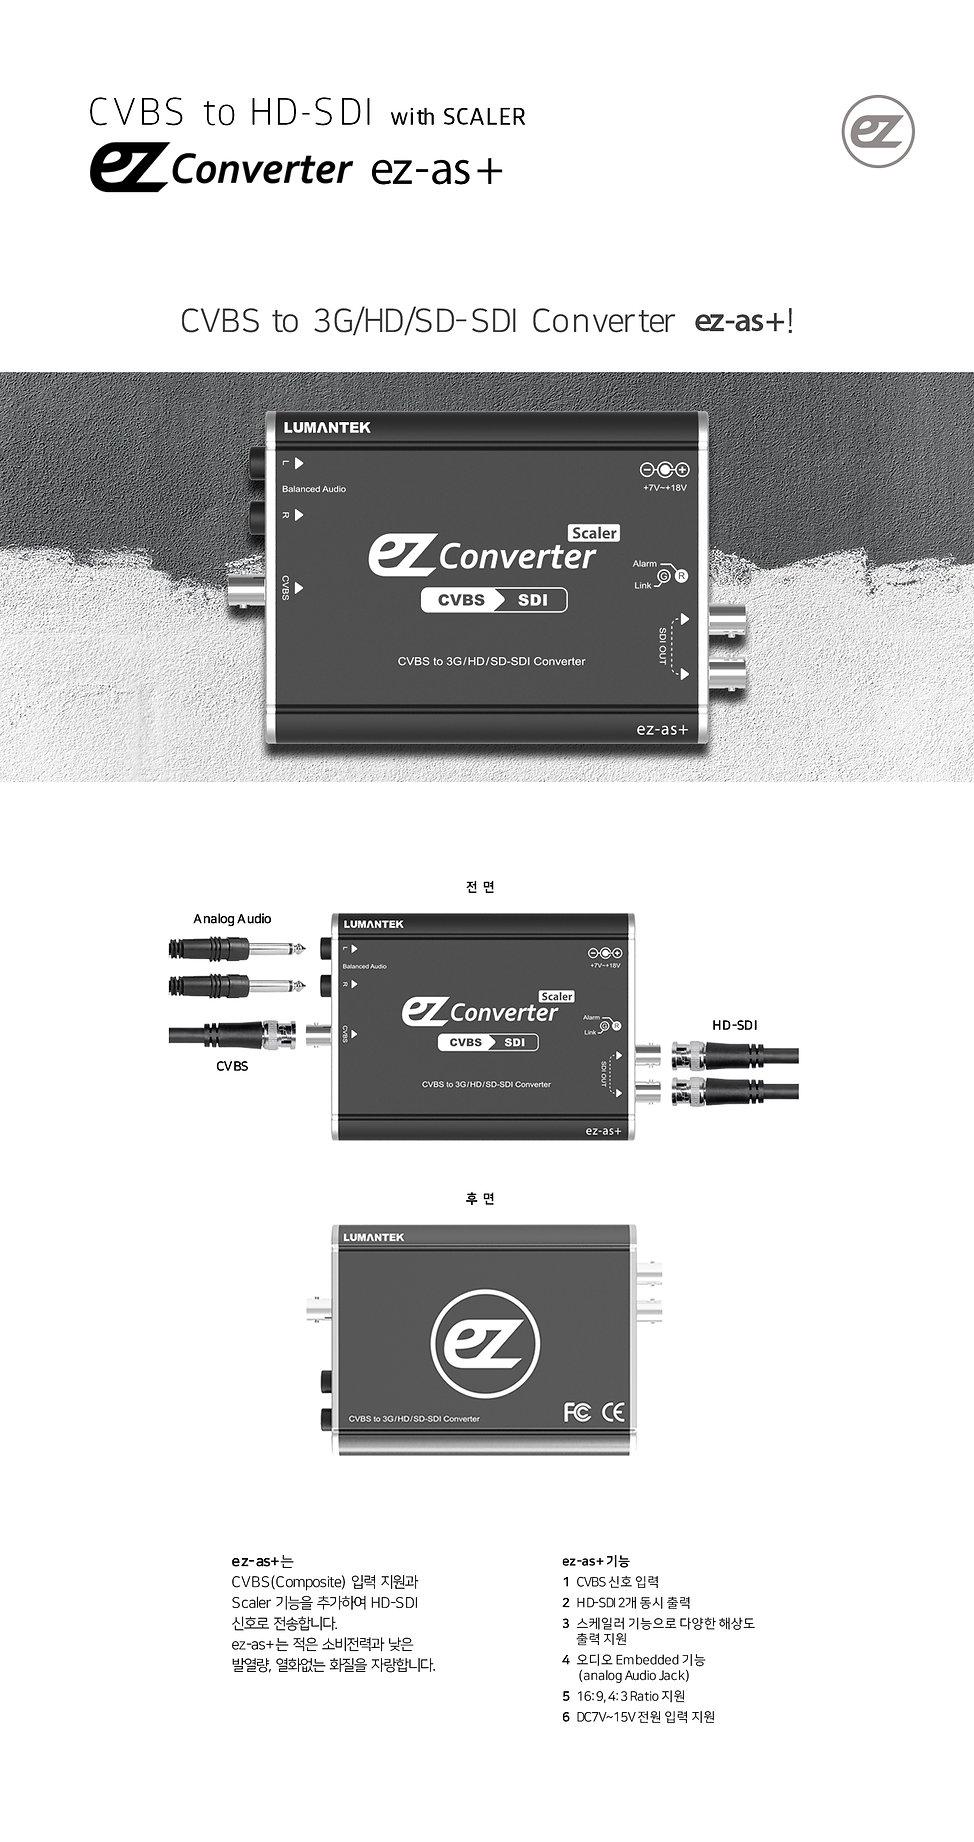 ezConverter_ezas.jpg